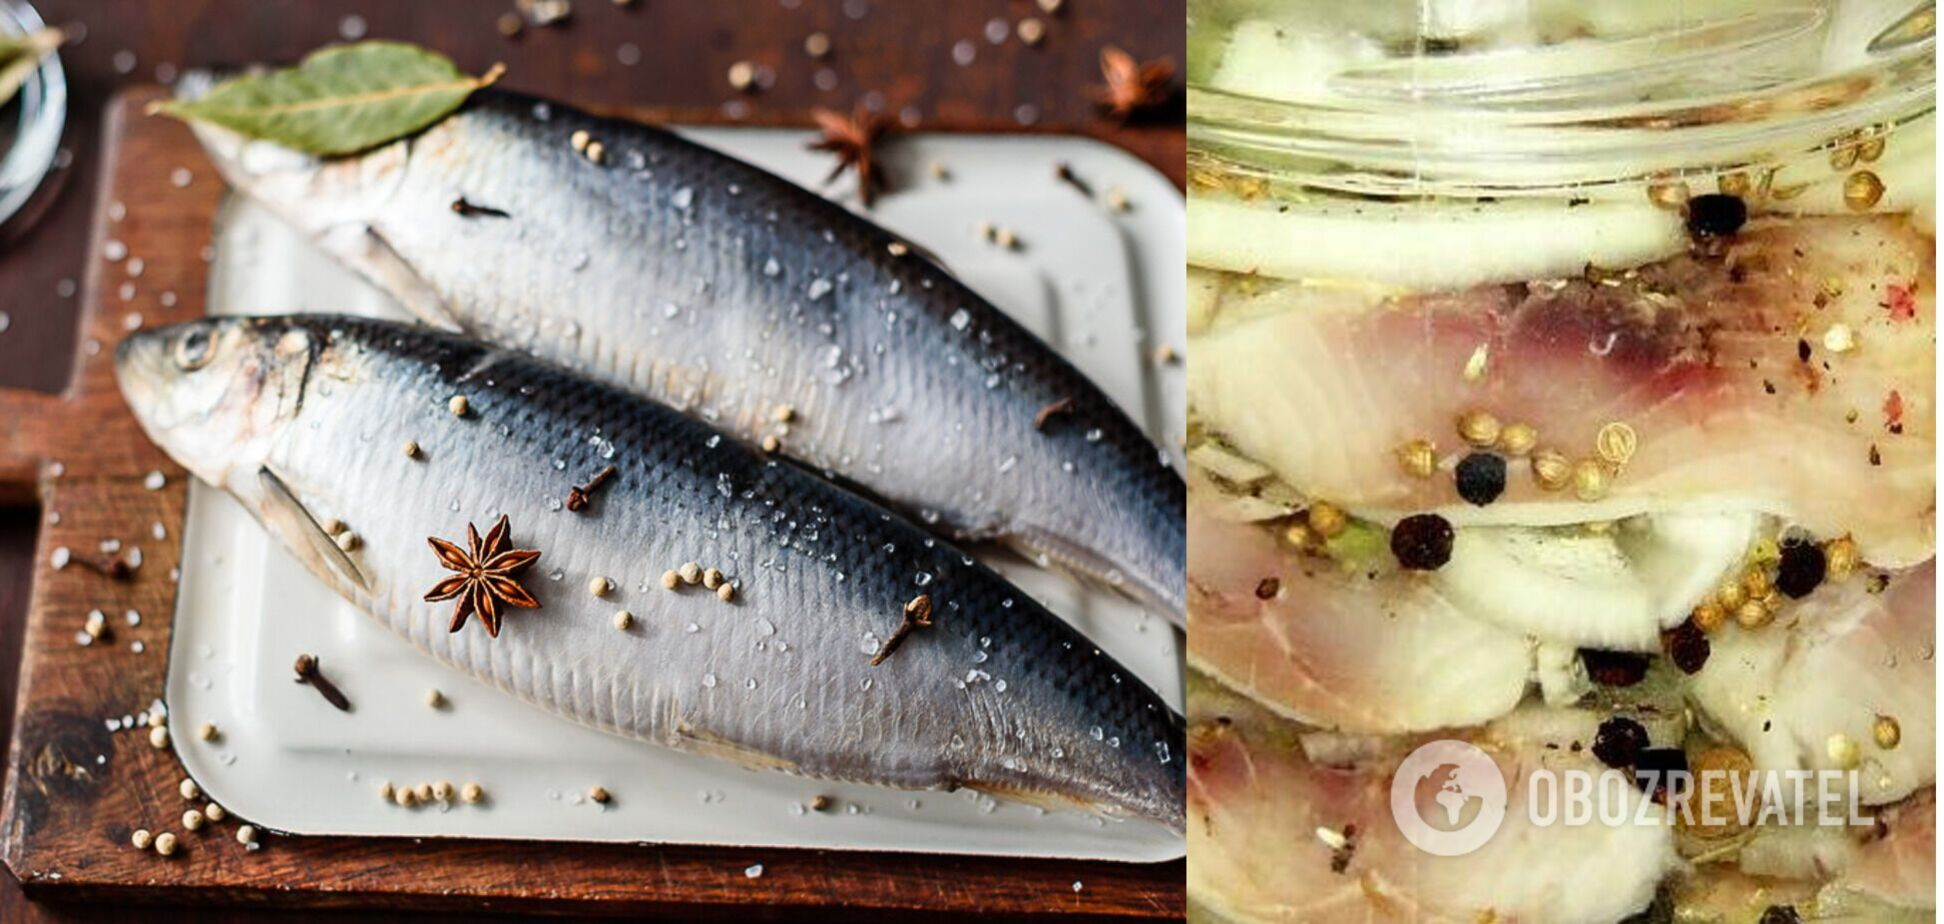 Недорога риба, в якій присутні всі необхідні мікроелементи